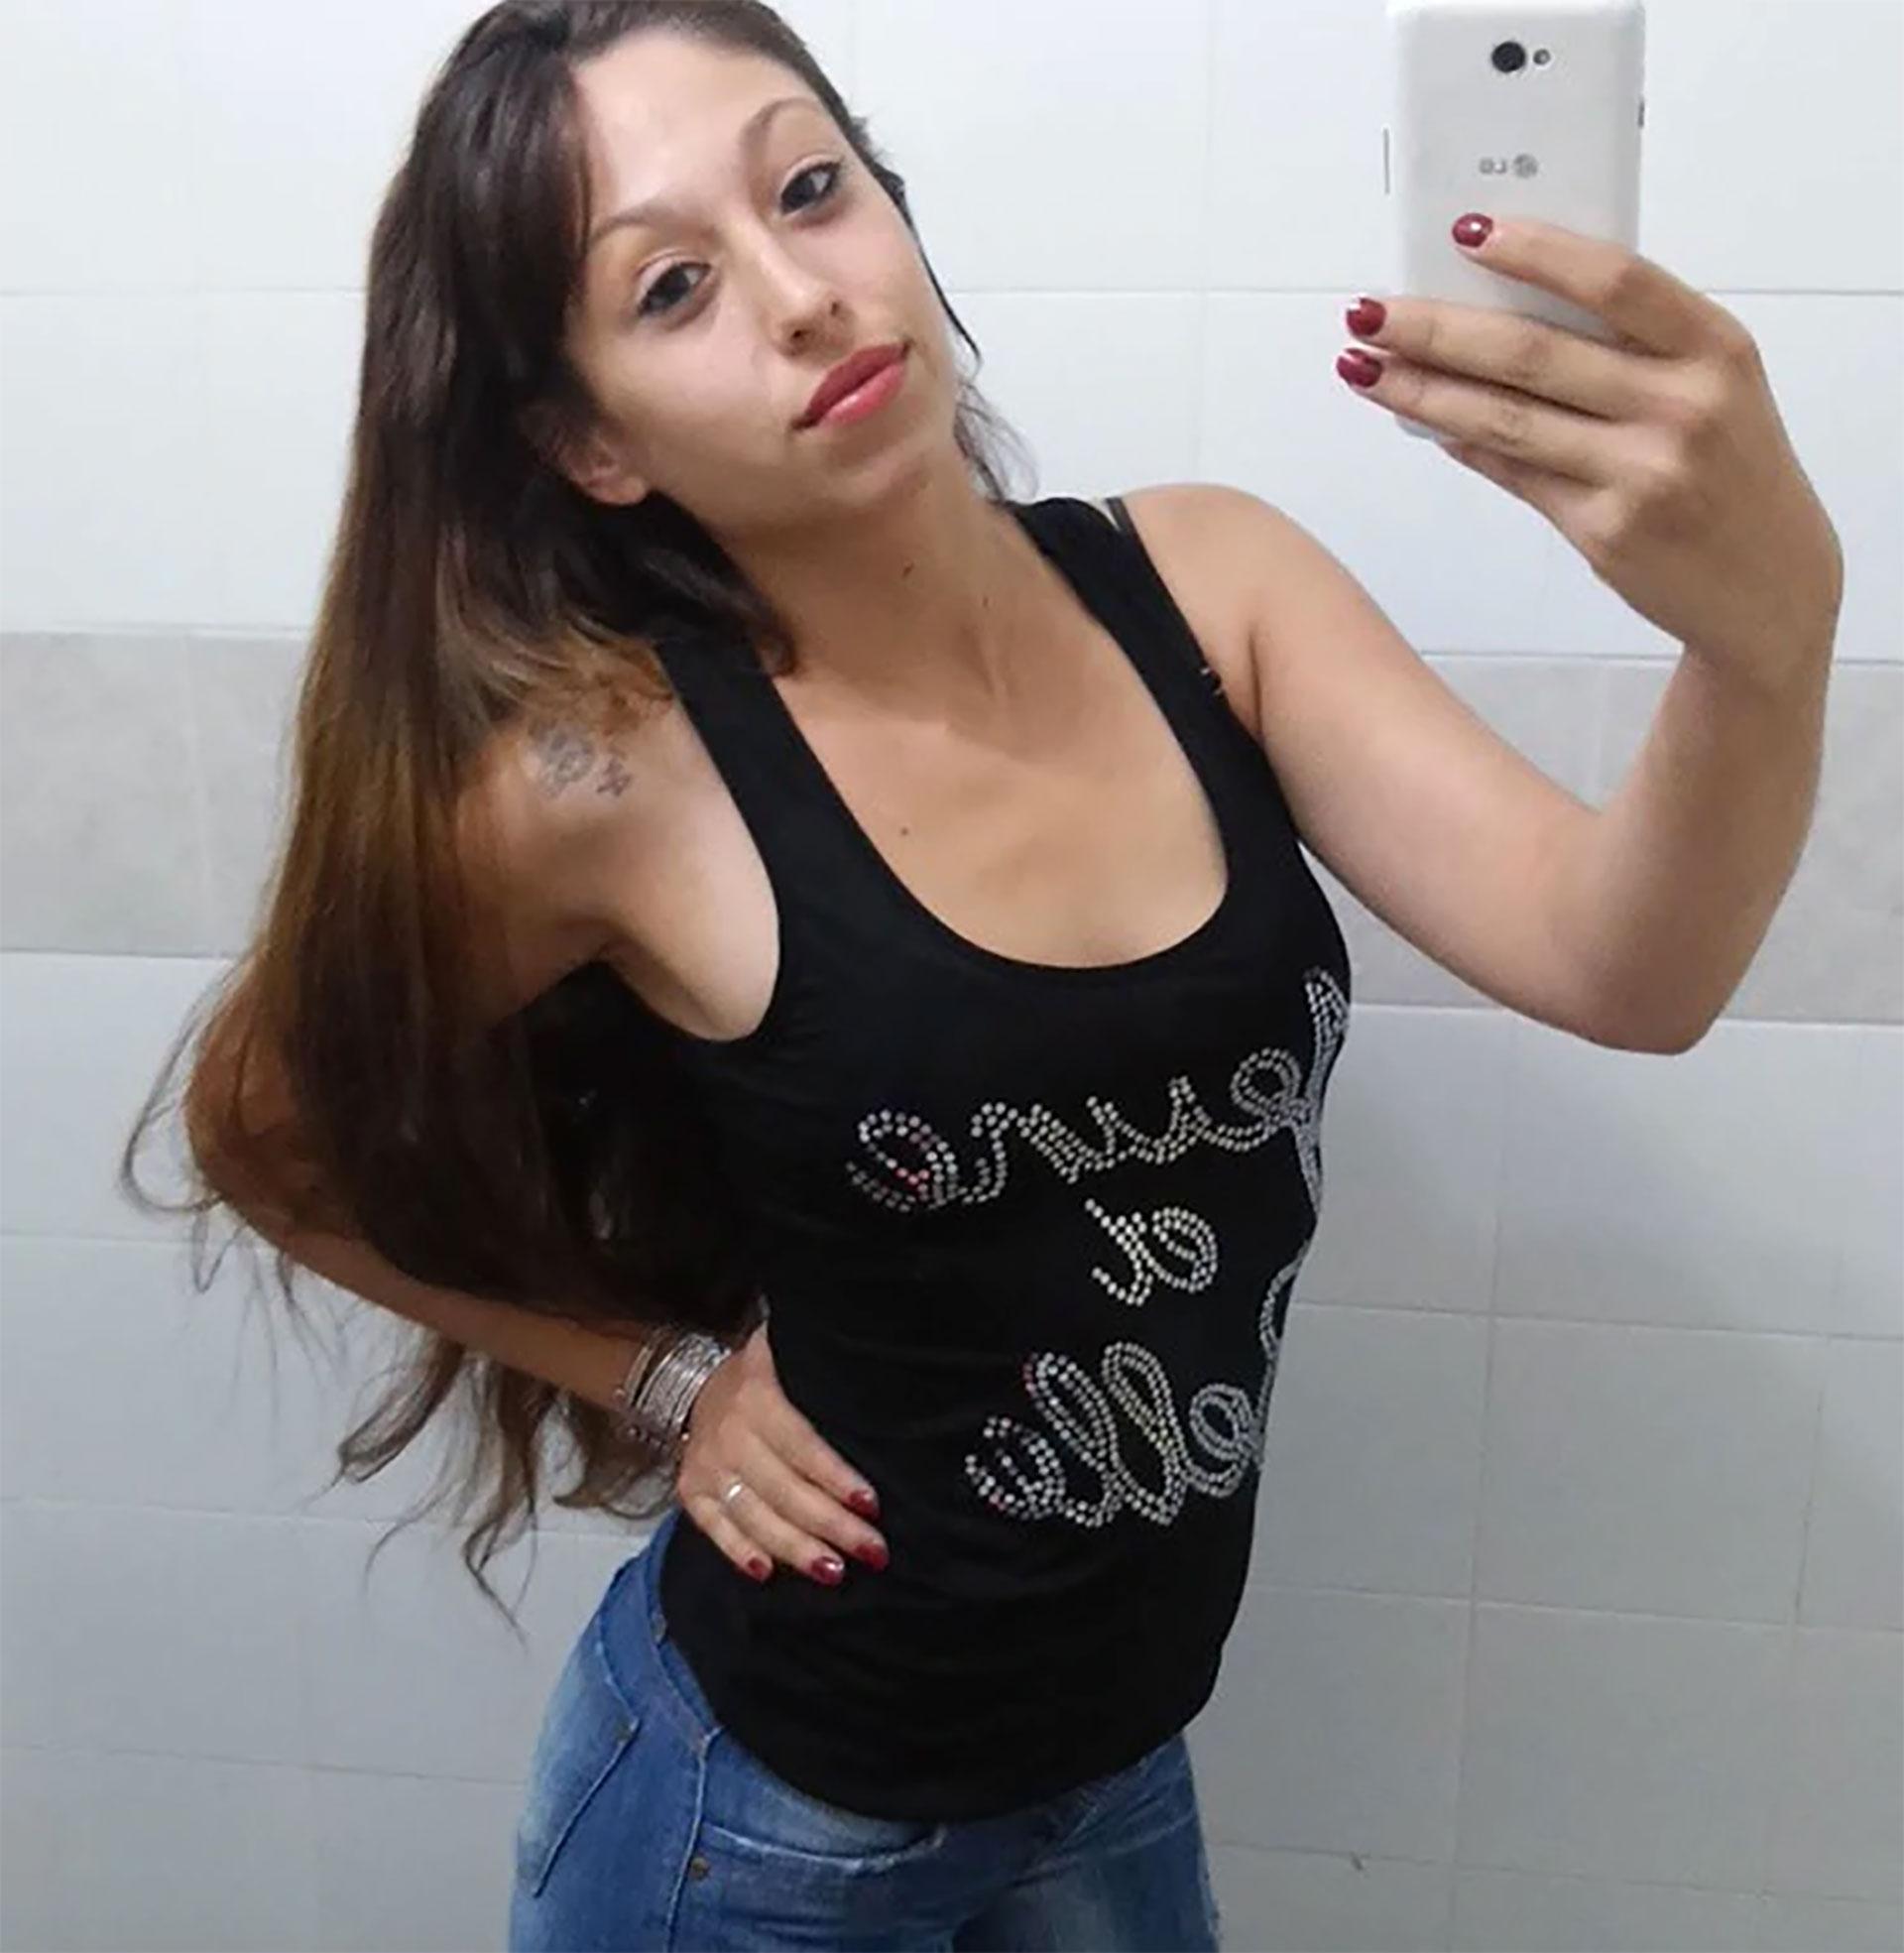 La hermana del humorista Turco Naim, fue asesinada de un disparo en la cabeza y por el crimen quedó detenido su pareja, un mecánico de Lomas de Zamora. (Foto: Instagram)